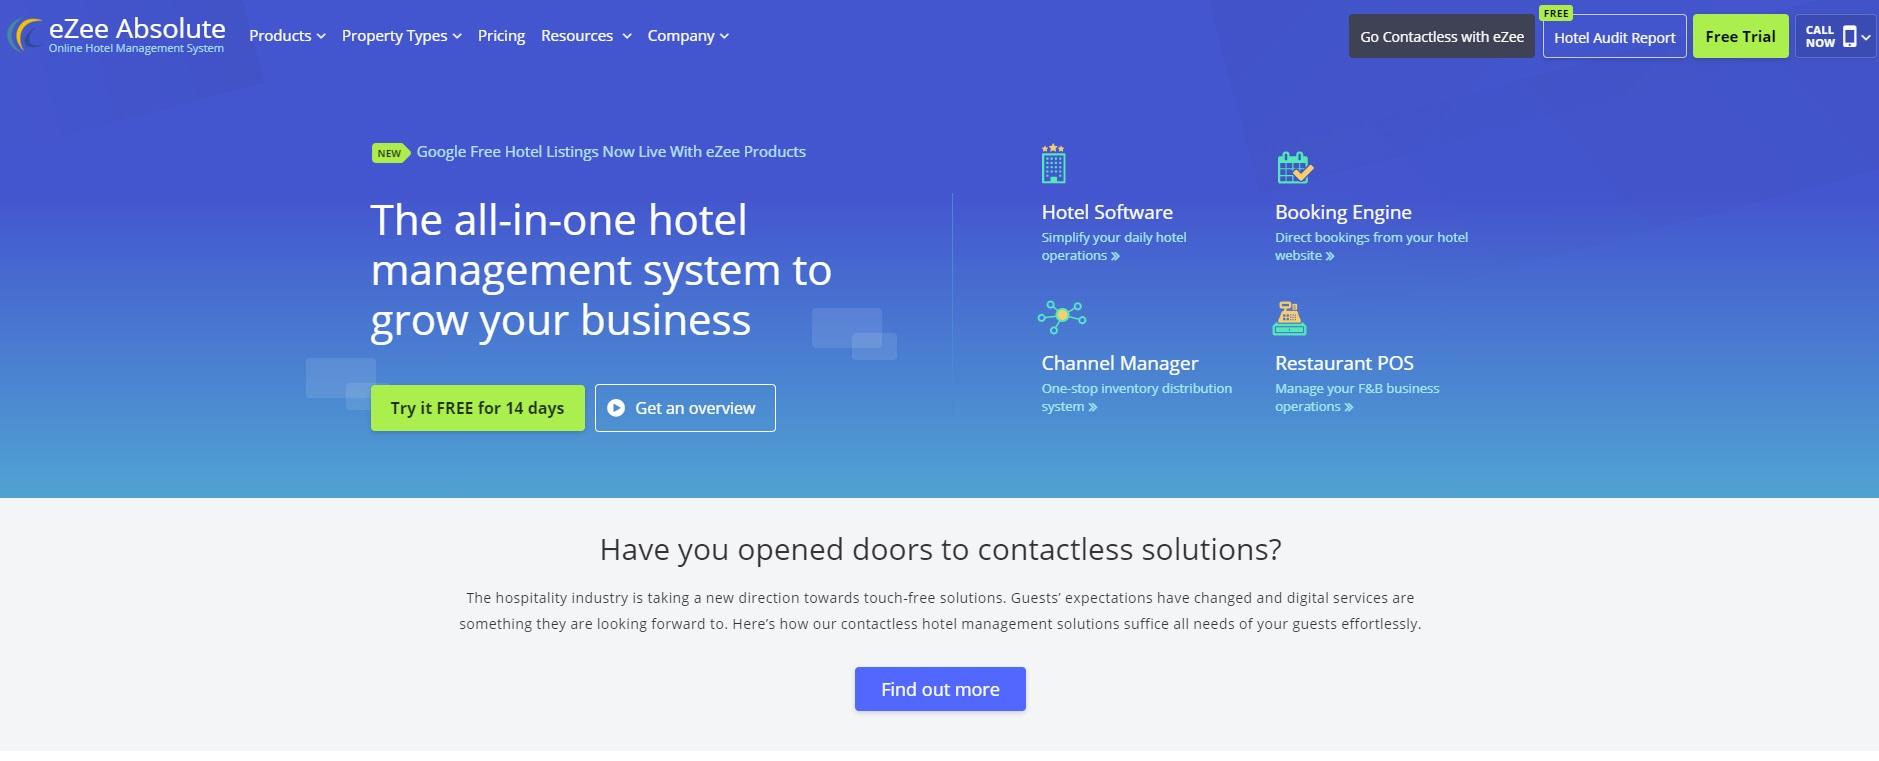 04_A screenshot of the eZee Absolute website